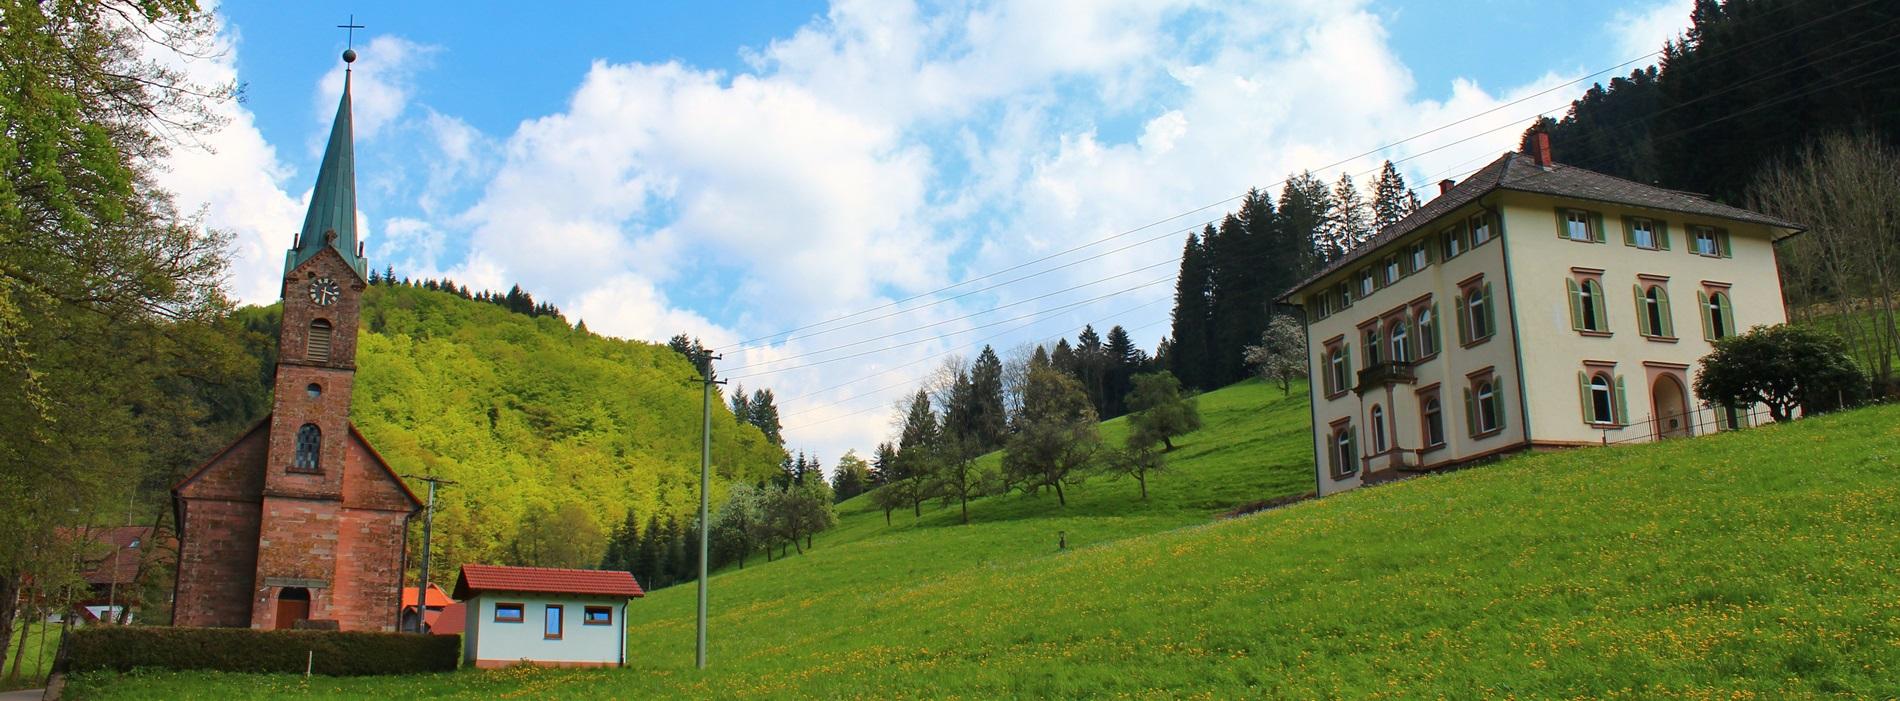 Zuwälder Tal